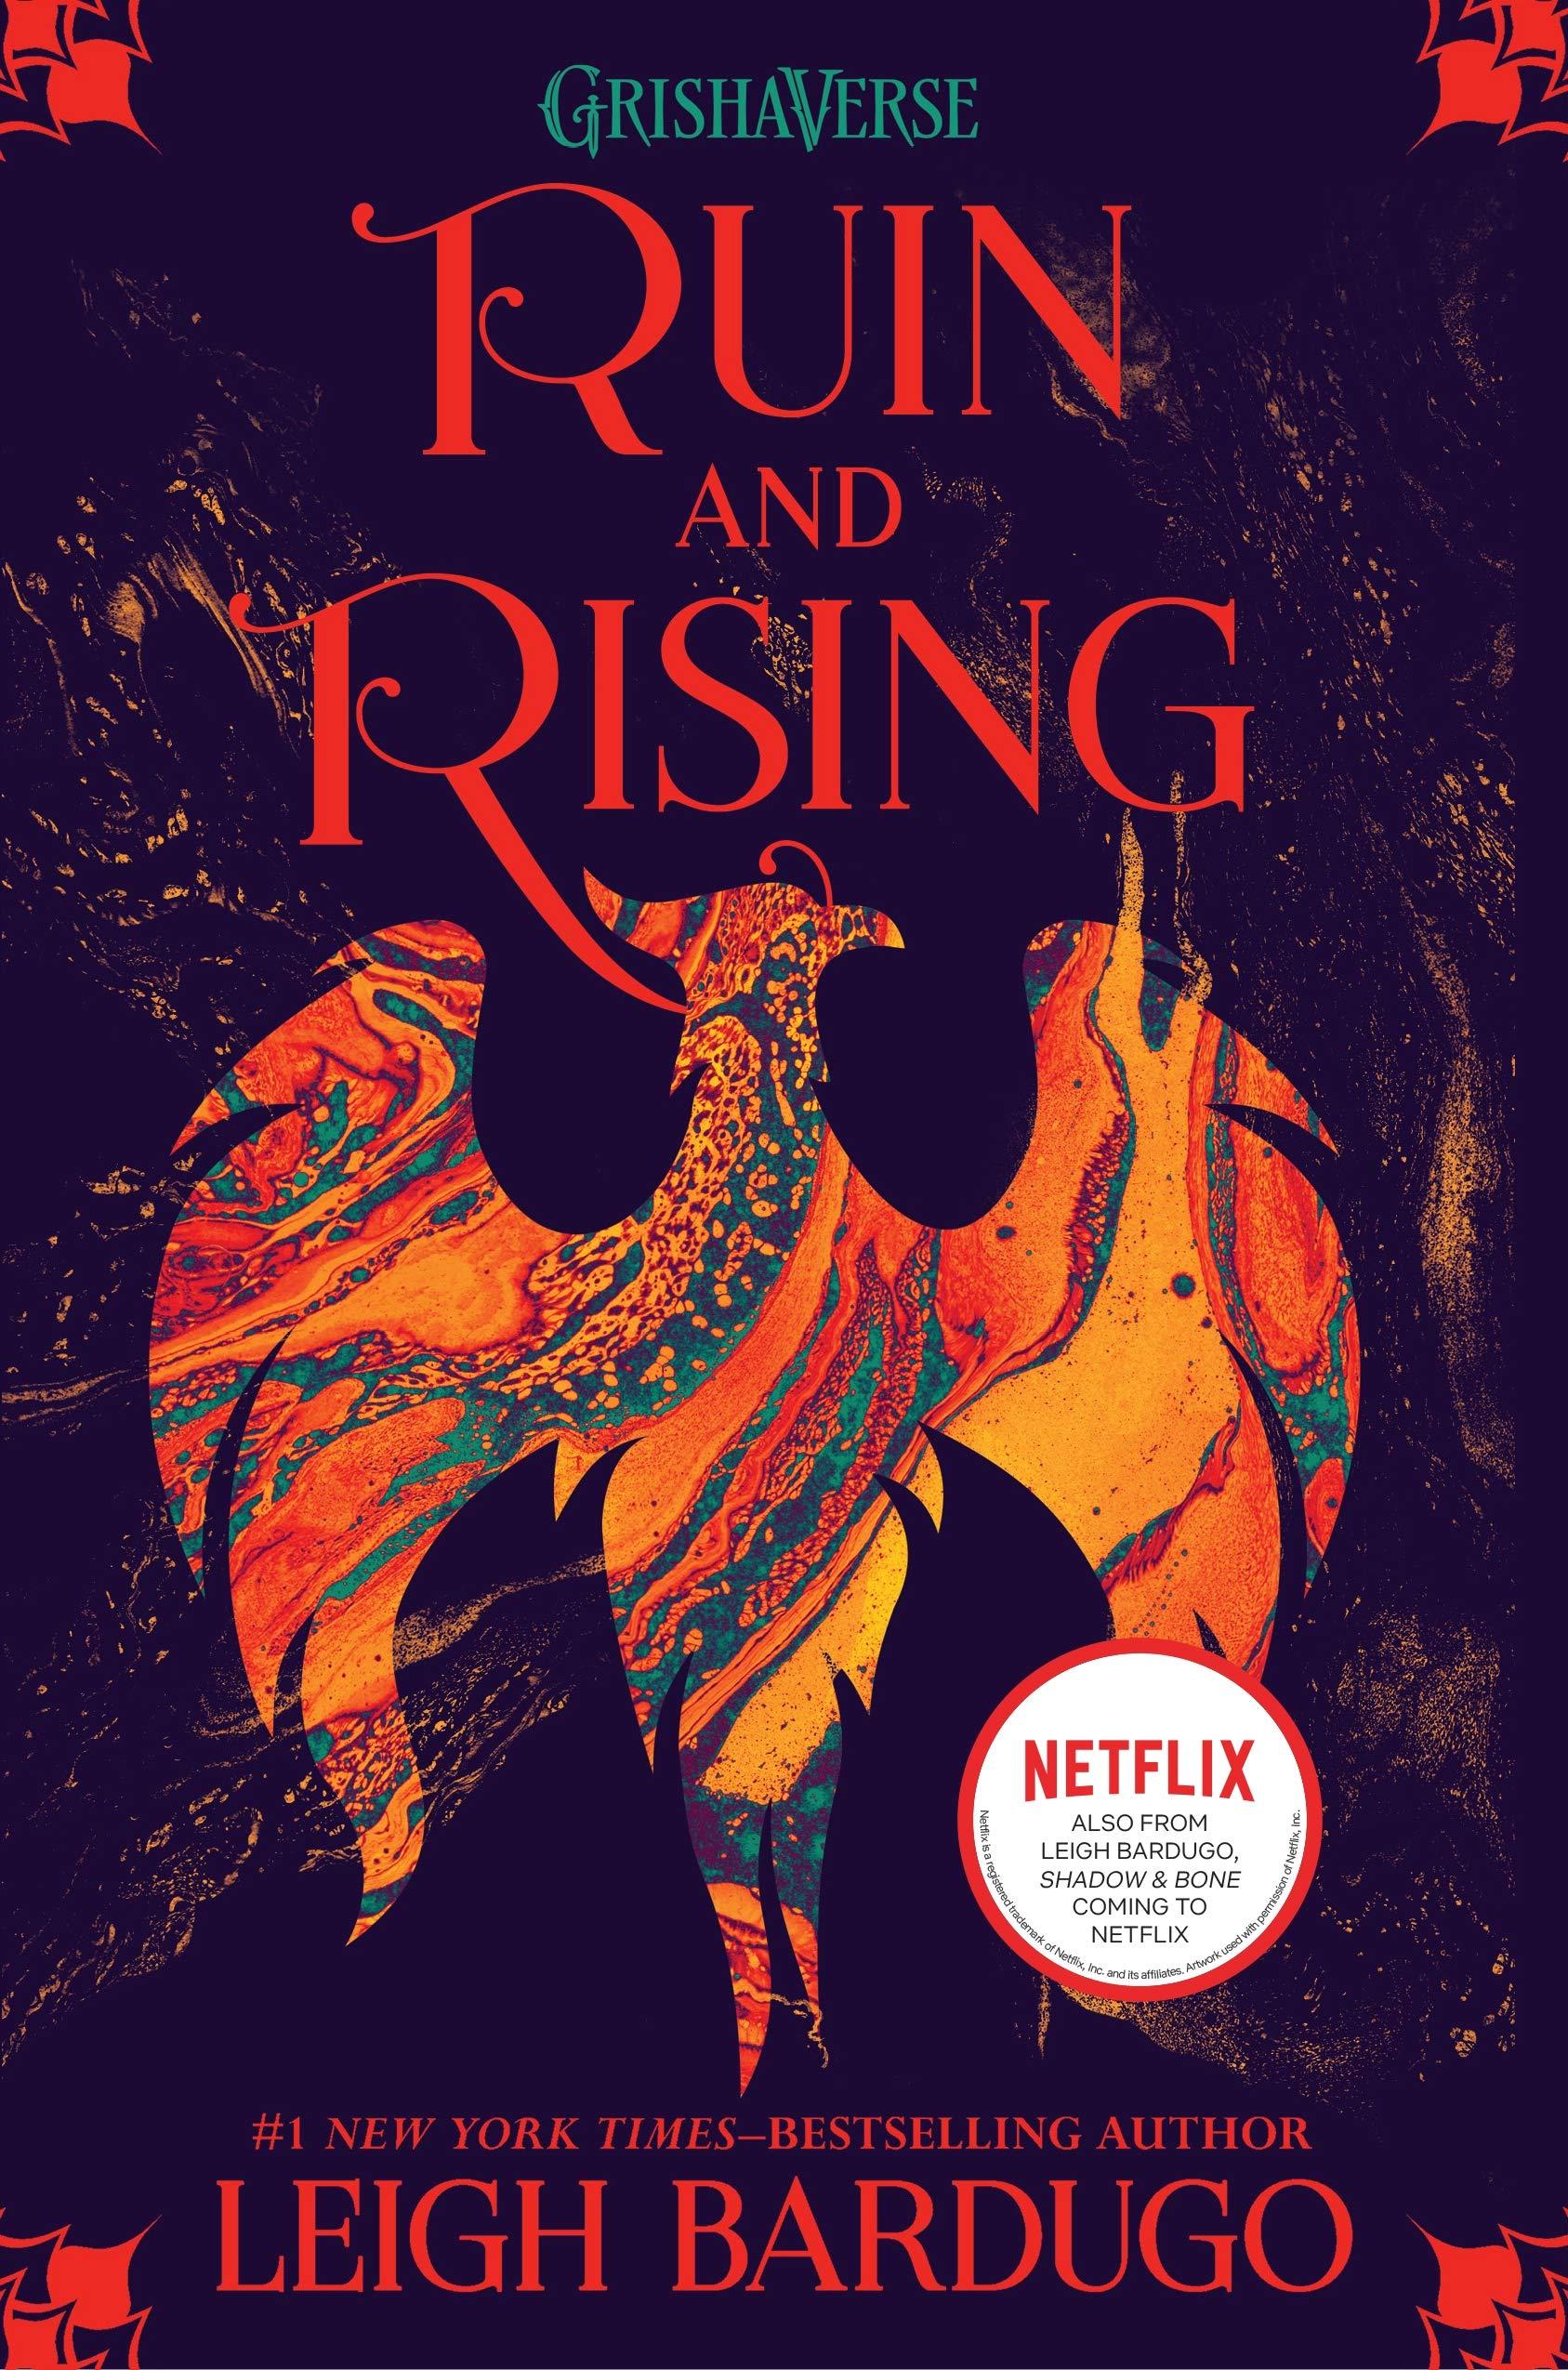 Ruin And Rising